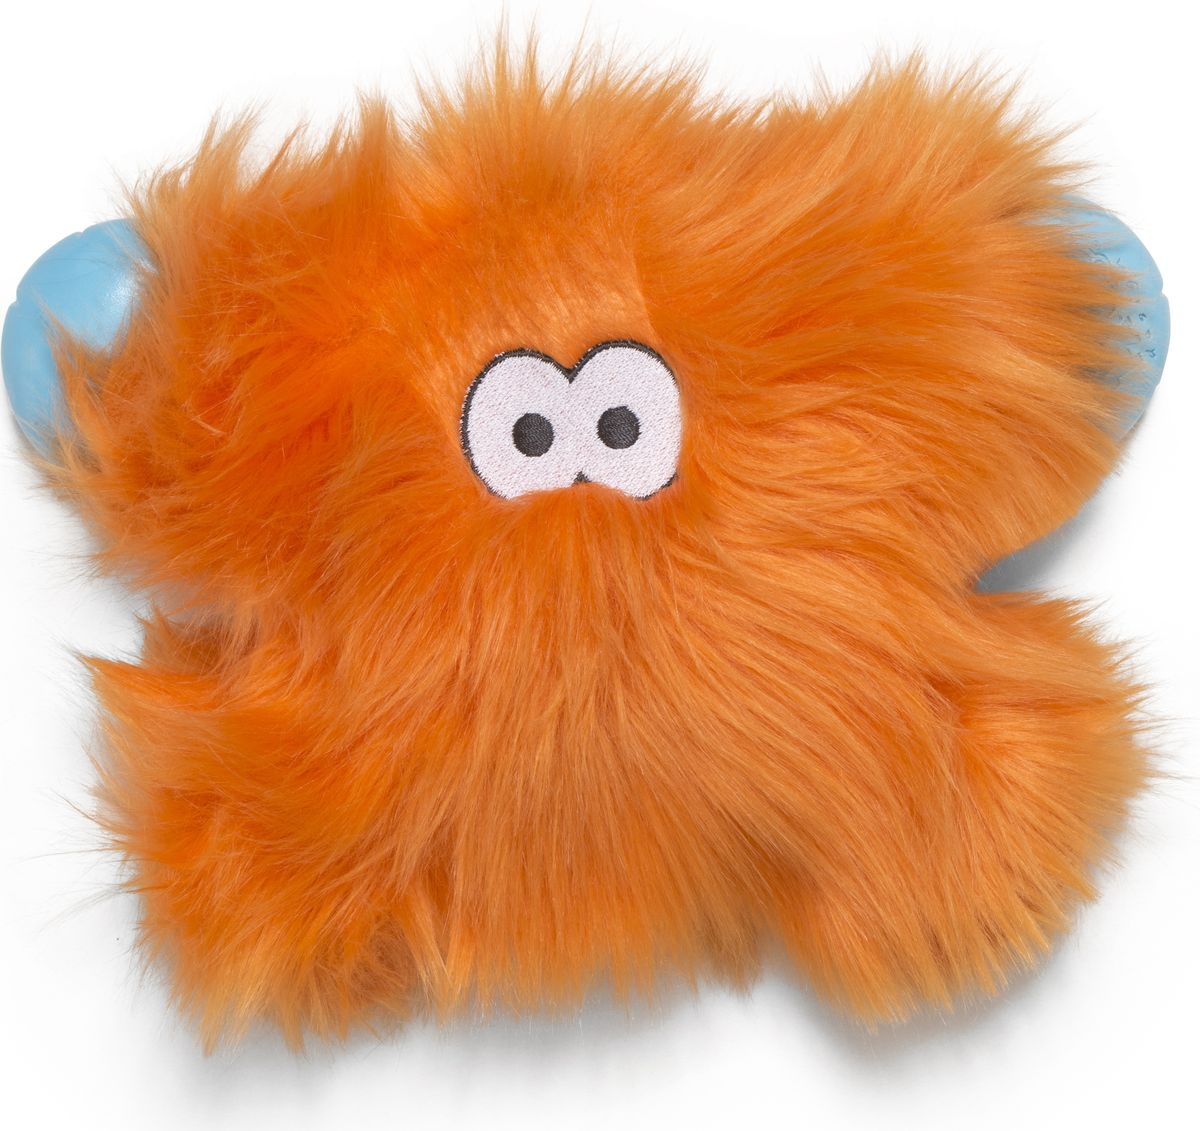 Игрушка для собак Zogoflex Rowdies Fergus, цвет: оранжевый, 24 см zogoflex zogoflex игрушка для собак мячик jive xs 5 см оранжевый